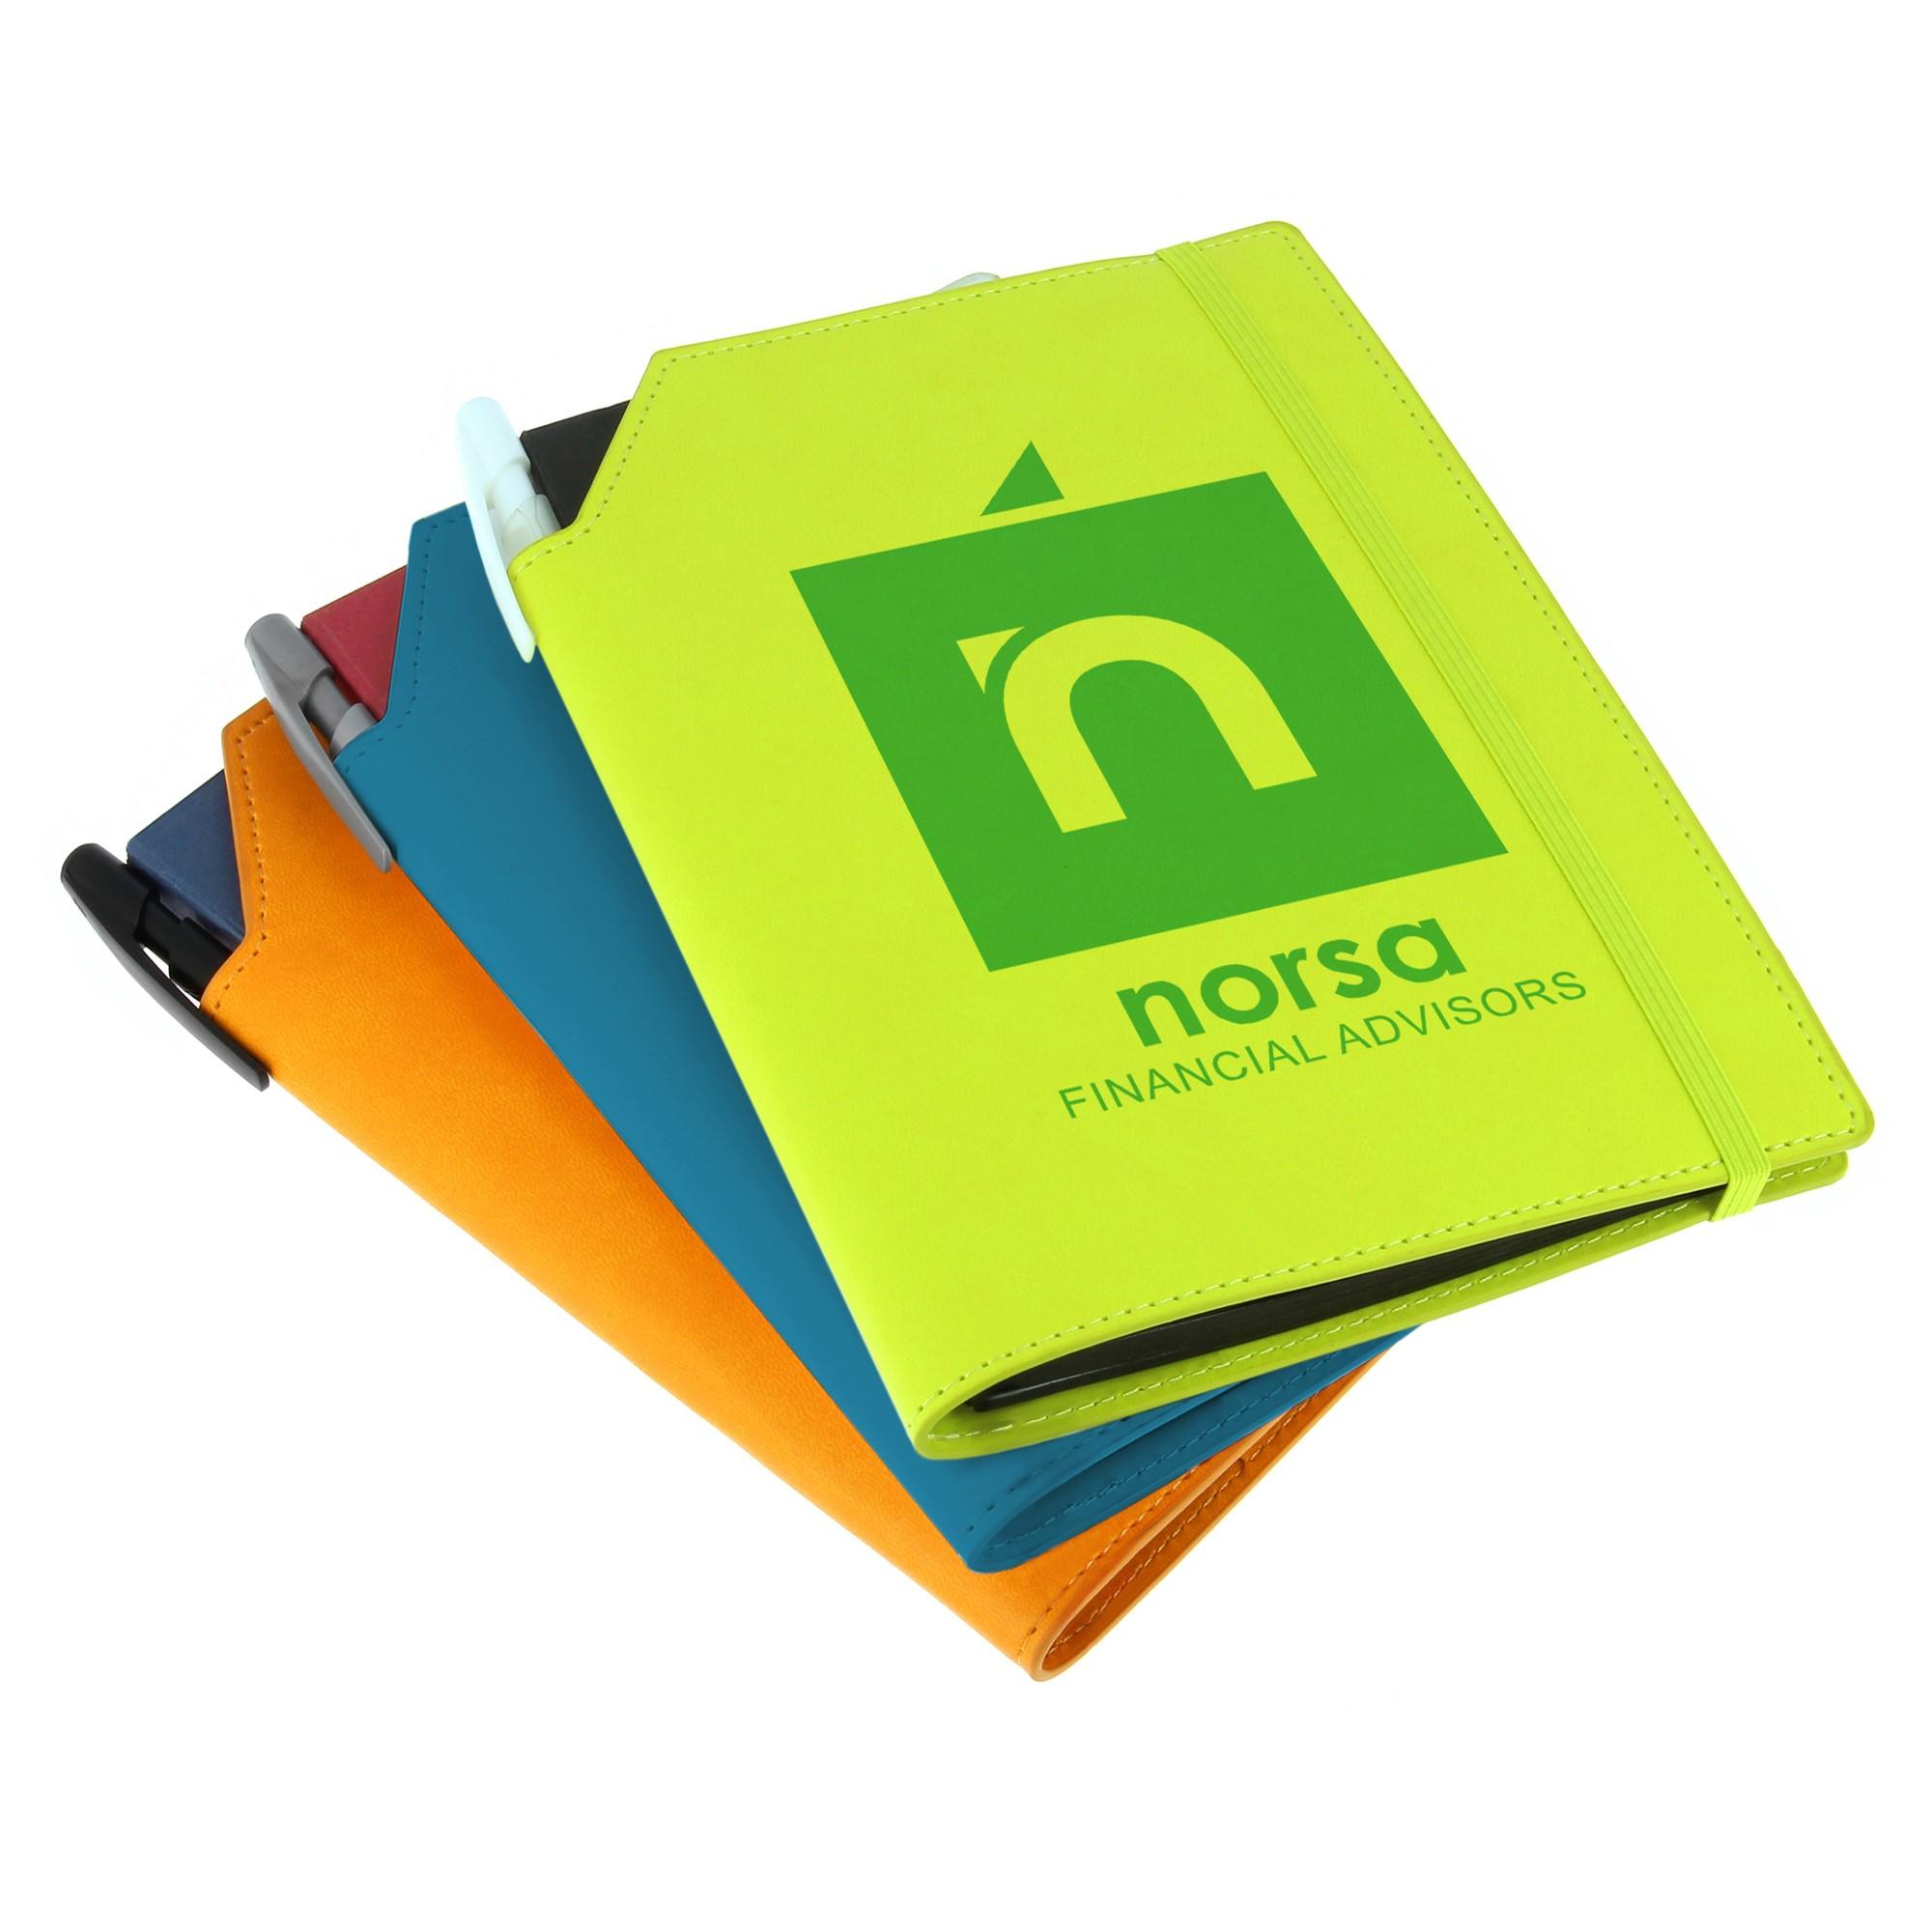 Carnet de notes personnalisable Bic® Notebooks Dual A5 blanc - objet publicitaire